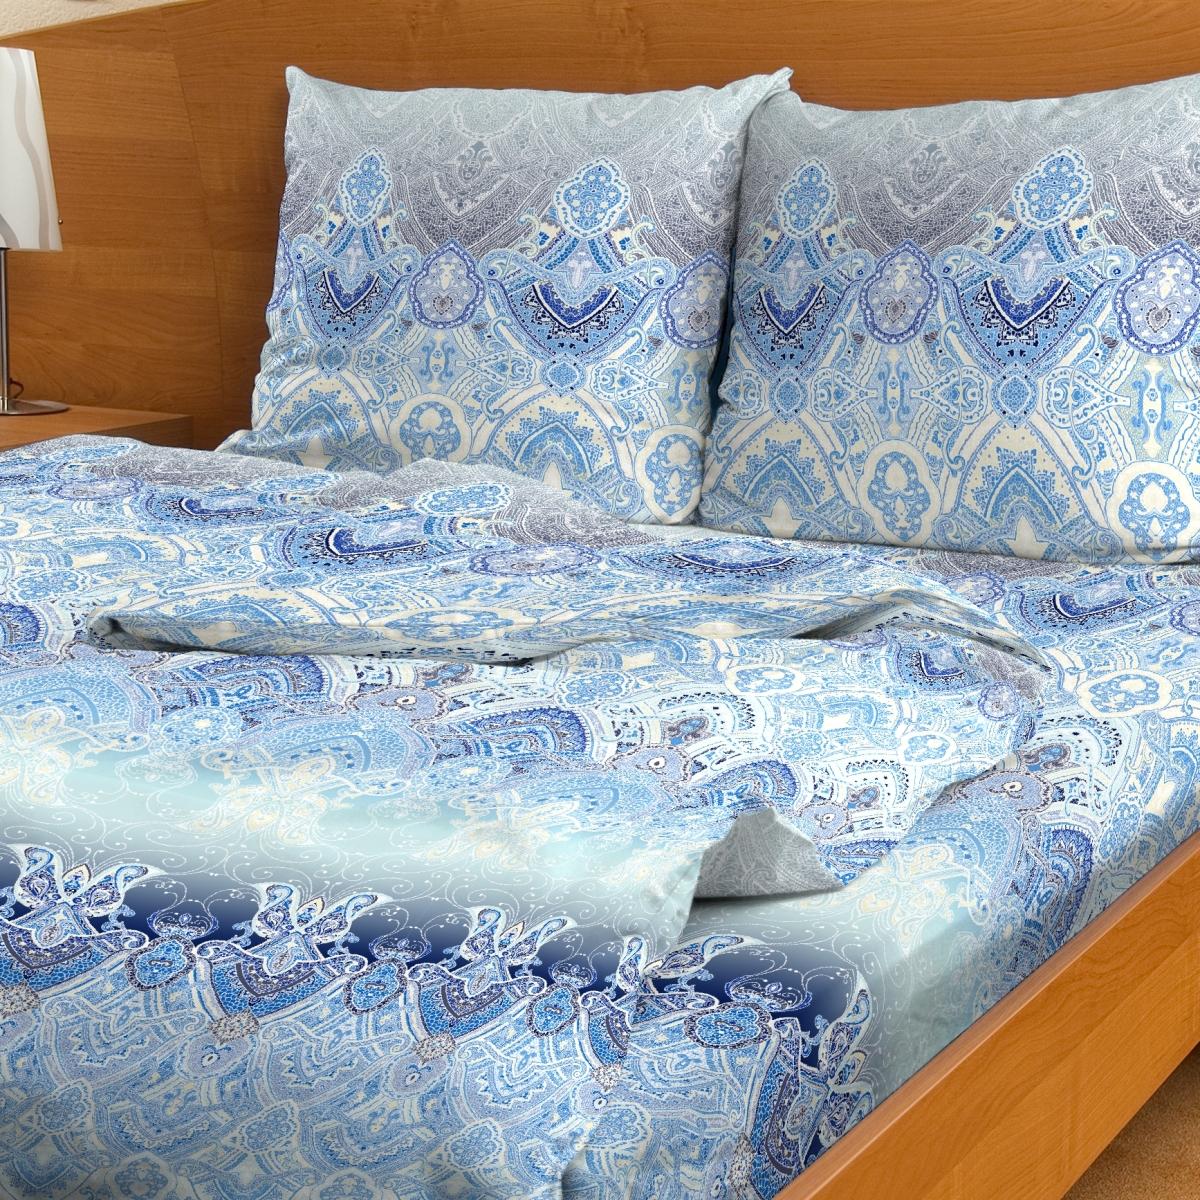 Комплект белья Letto, 1,5-сп, наволочки 70x70, цвет: голубойS03301004Серия Letto Традиция выполнена из классической российской бязи, привычной для большинства российских покупательниц. Ткань плотная (125гр/м), используются современные устойчивые красители. Традиционная российская бязь выгодно отличается от импортных аналогов по цене, при том, что сама ткань и толще, меньше сминается и служит намного дольше. Рекомендуется перед первым использованием постирать, но не пересушивать. Применение кондиционера при стирке сделает такое постельное белье мягче и комфортней. Пододеяльник на молнии. Обращаем внимание, что расцветка наволочек может отличаться от представленной на фото.